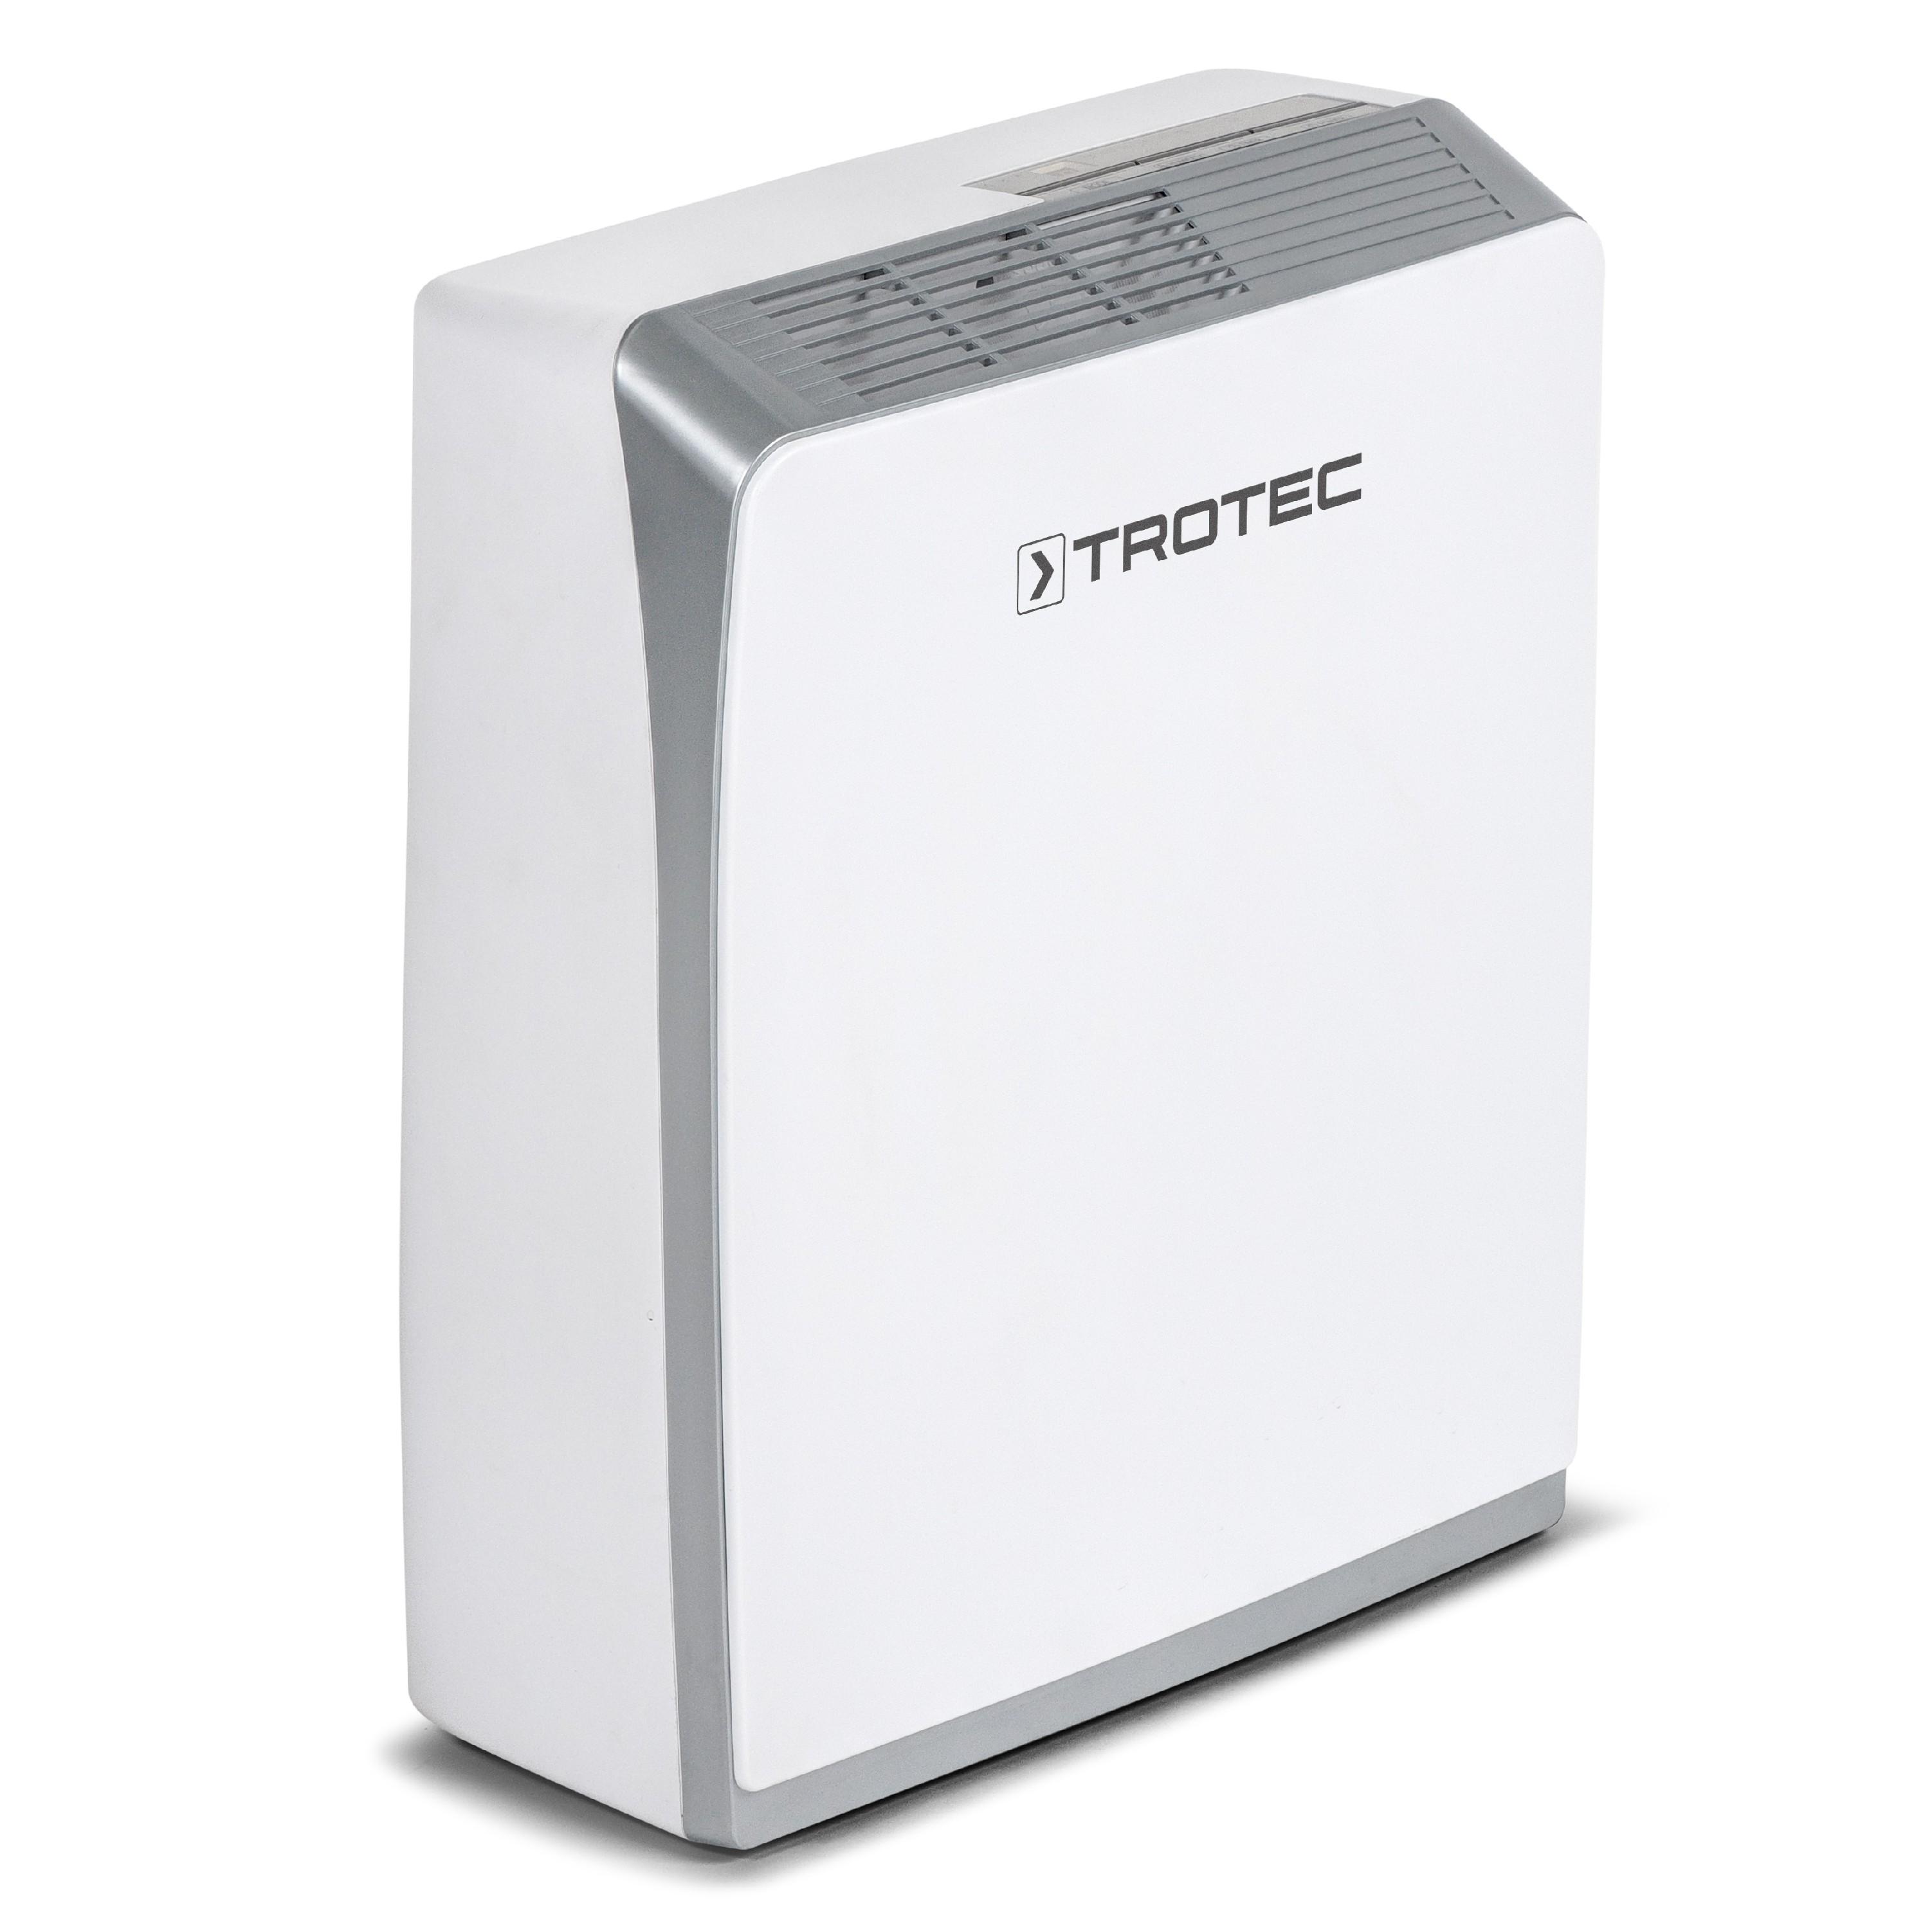 Trotec TTR 56 E, adsorpční odvlhčovač vzduchu zánovní (doba použití 1 týden, záruka 2 roky)